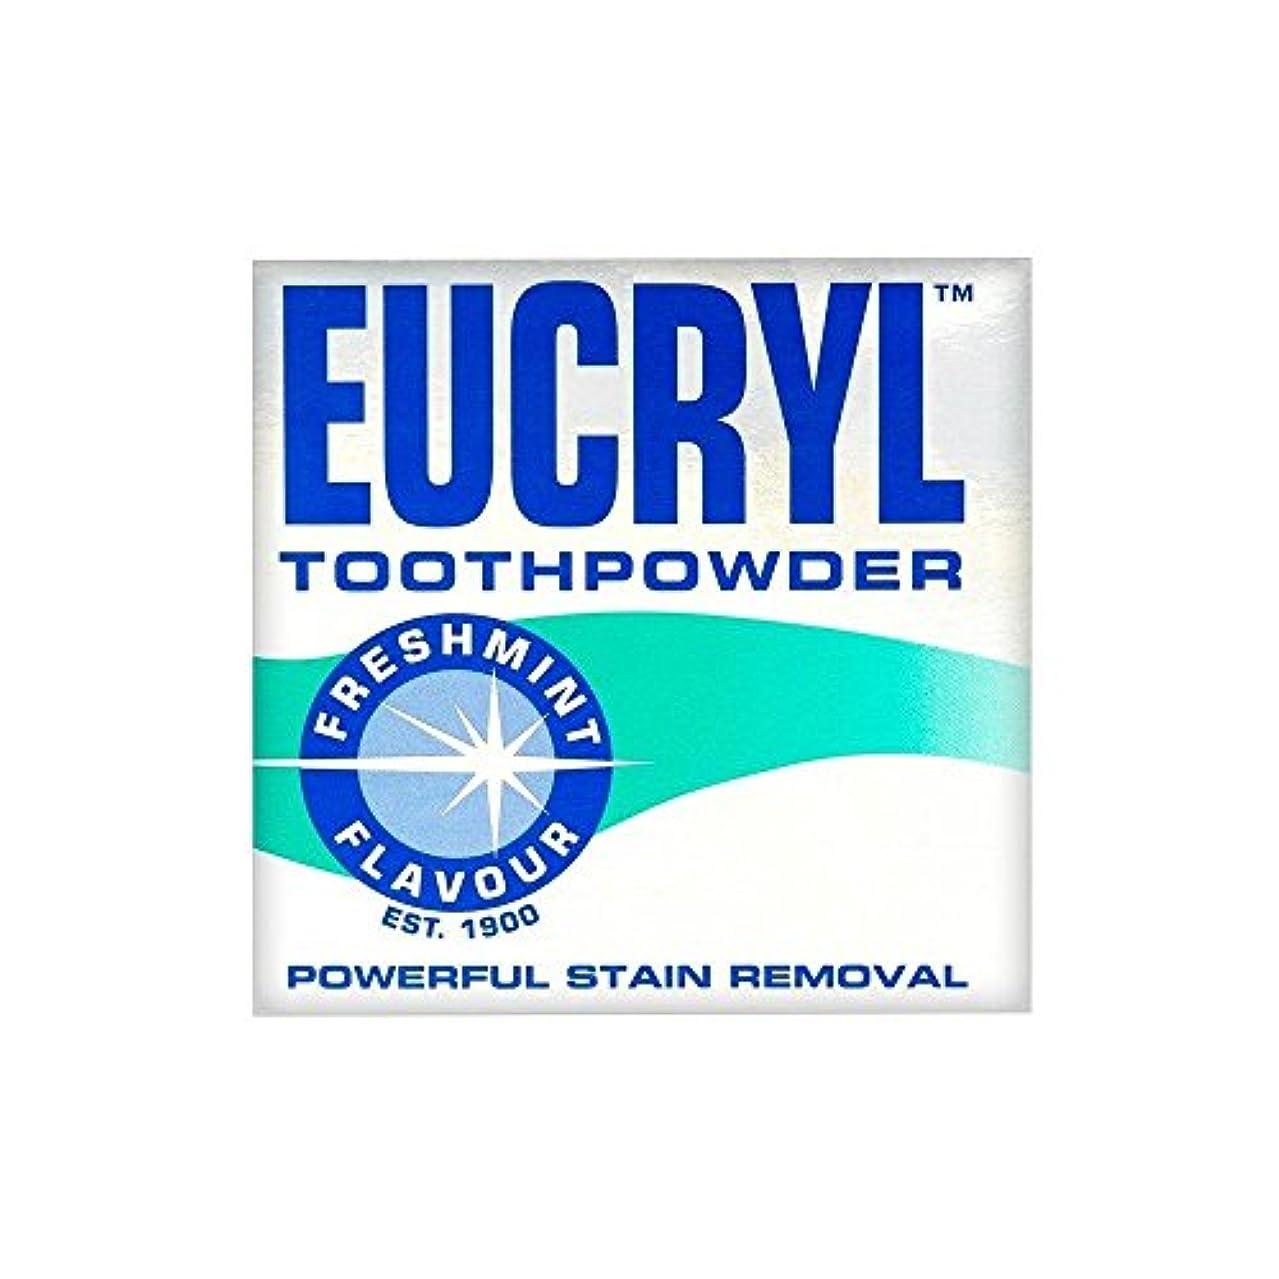 インタフェースアストロラーベデッキEucryl Smokers Tooth Powder Freshmint Flavour (50g) Eucryl喫煙者の歯の粉末freshmint風味( 50グラム) [並行輸入品]